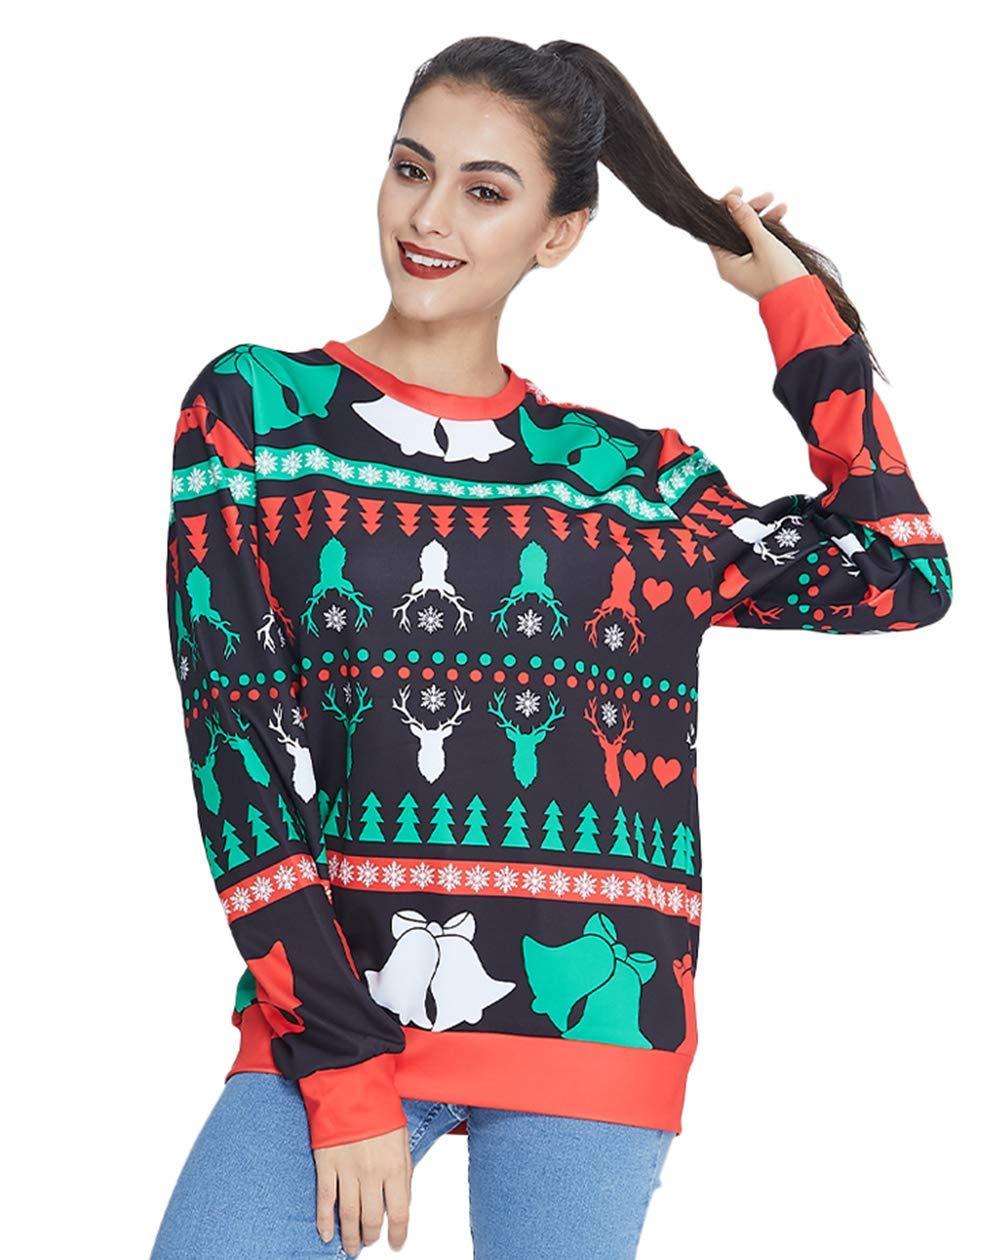 RAISEVERN Unisex Männer Frauen 3D Cute Christmas Reindeer Pullover Rundhals Xmas Pullover mit Langarm Slim Fit Sweatshirt für den täglichen Gebrauch/Festliche Party/Holiday Game